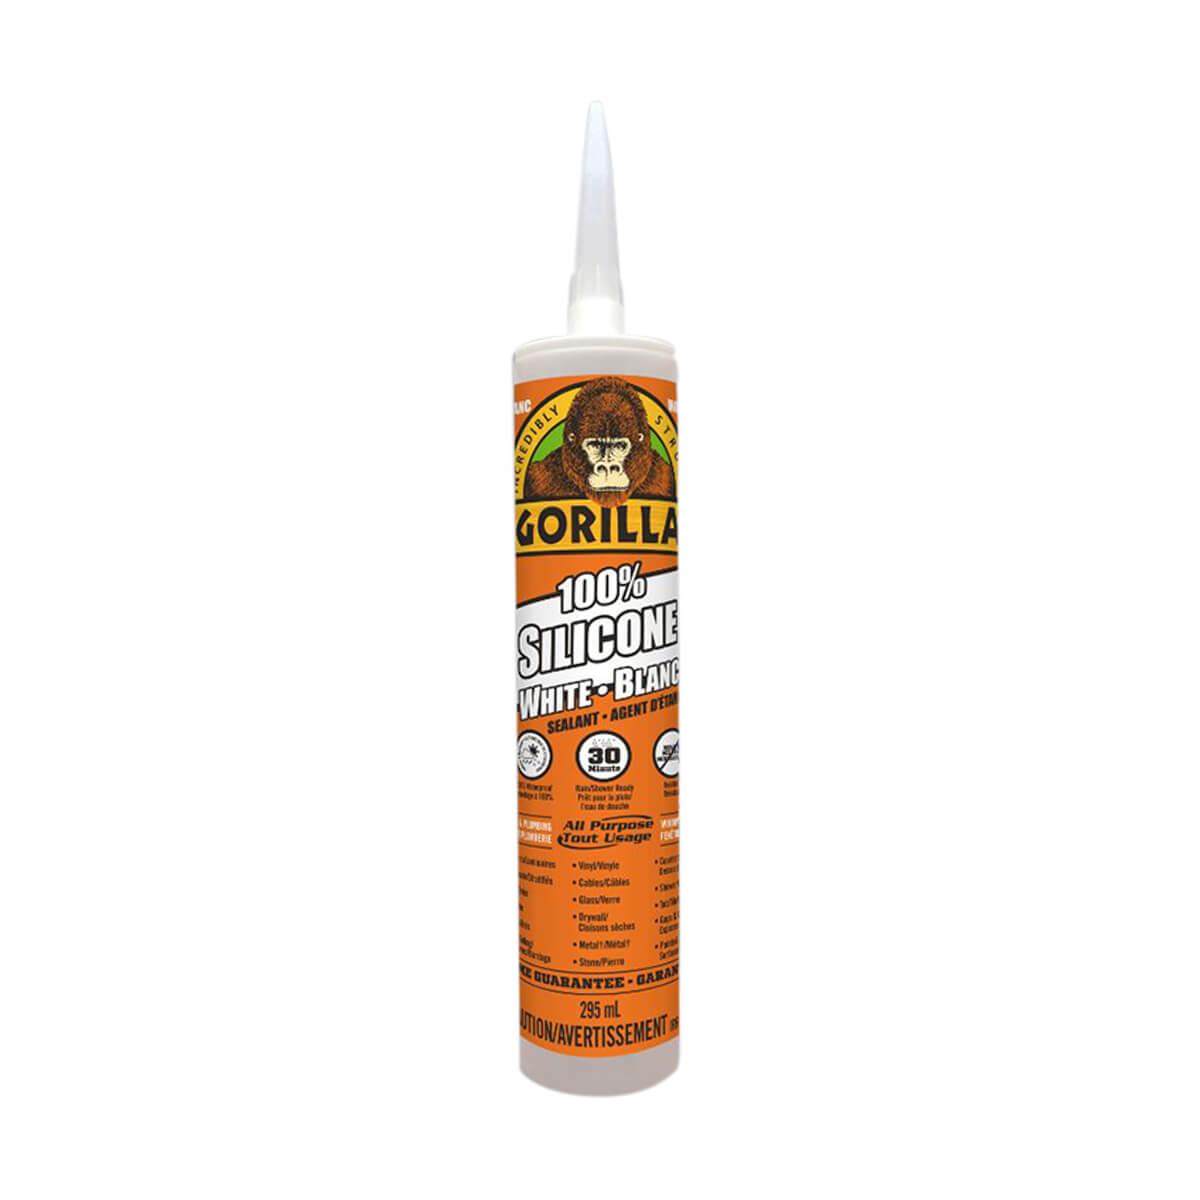 Gorilla 100% Silicone Sealant - White - 10 oz